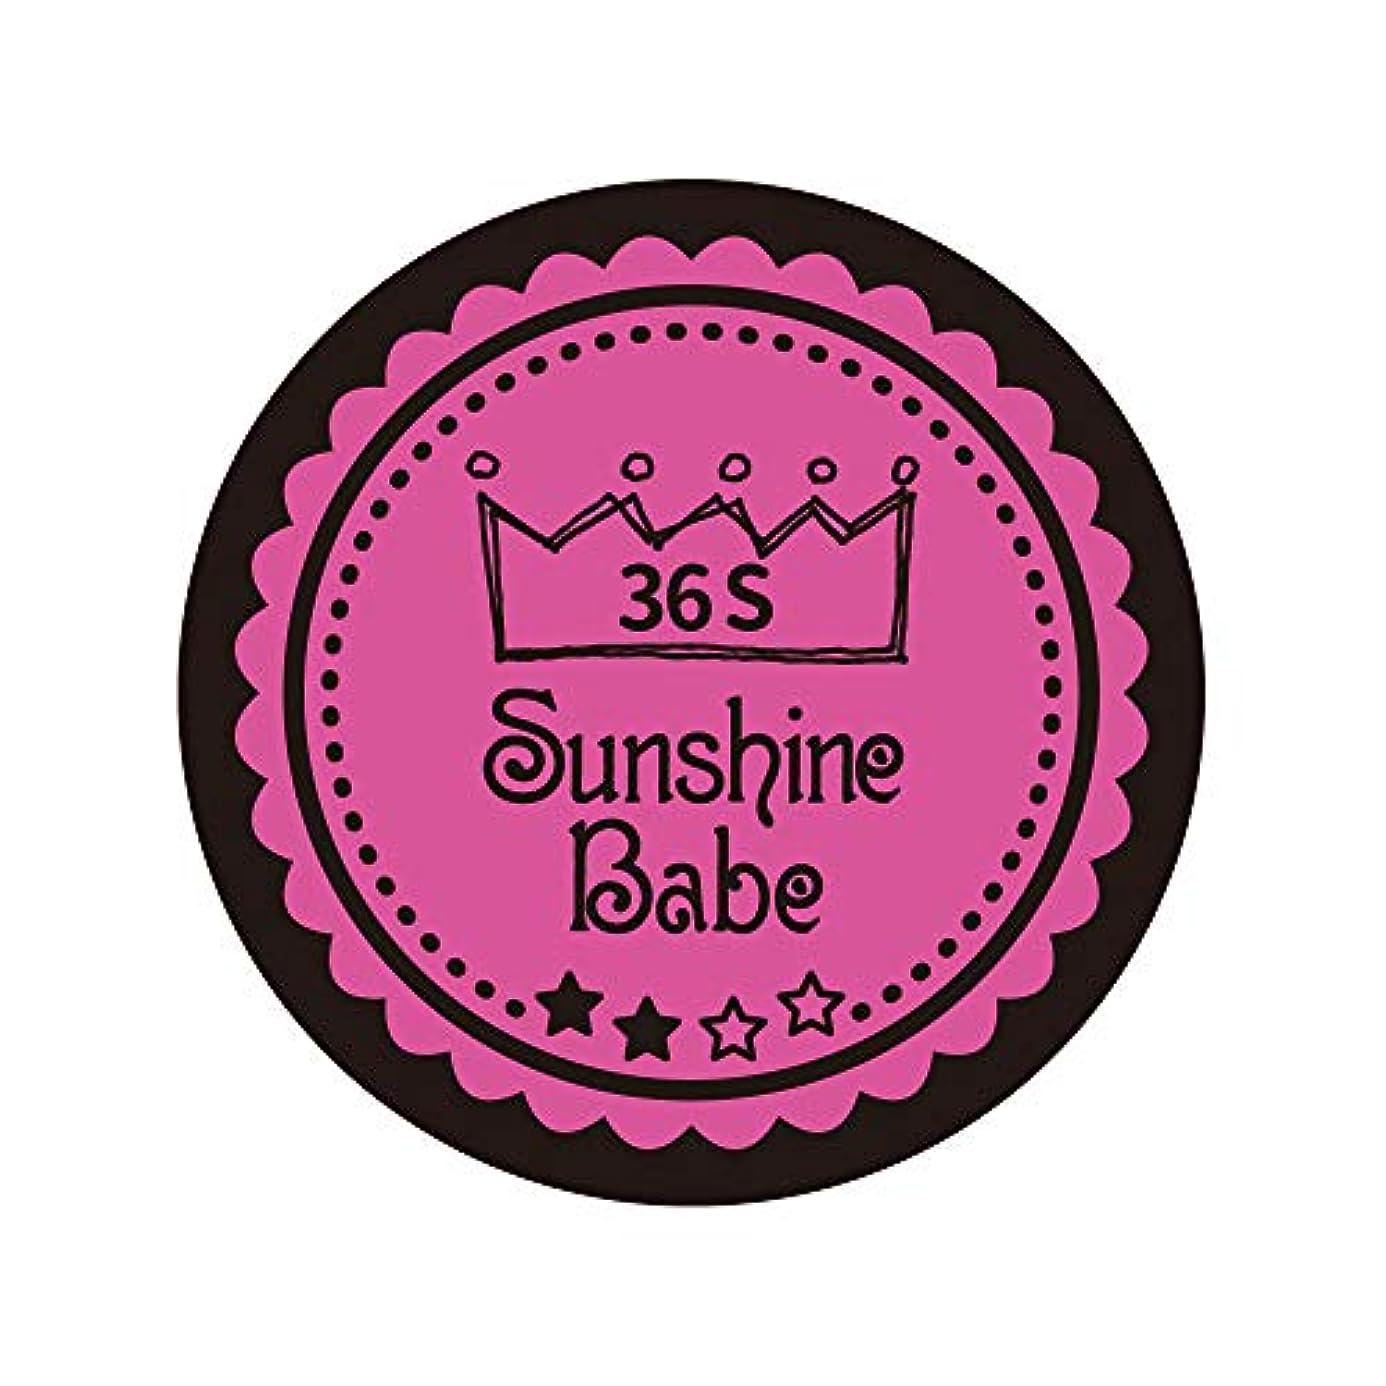 警報崇拝する投資Sunshine Babe カラージェル 36S クロッカスピンク 2.7g UV/LED対応